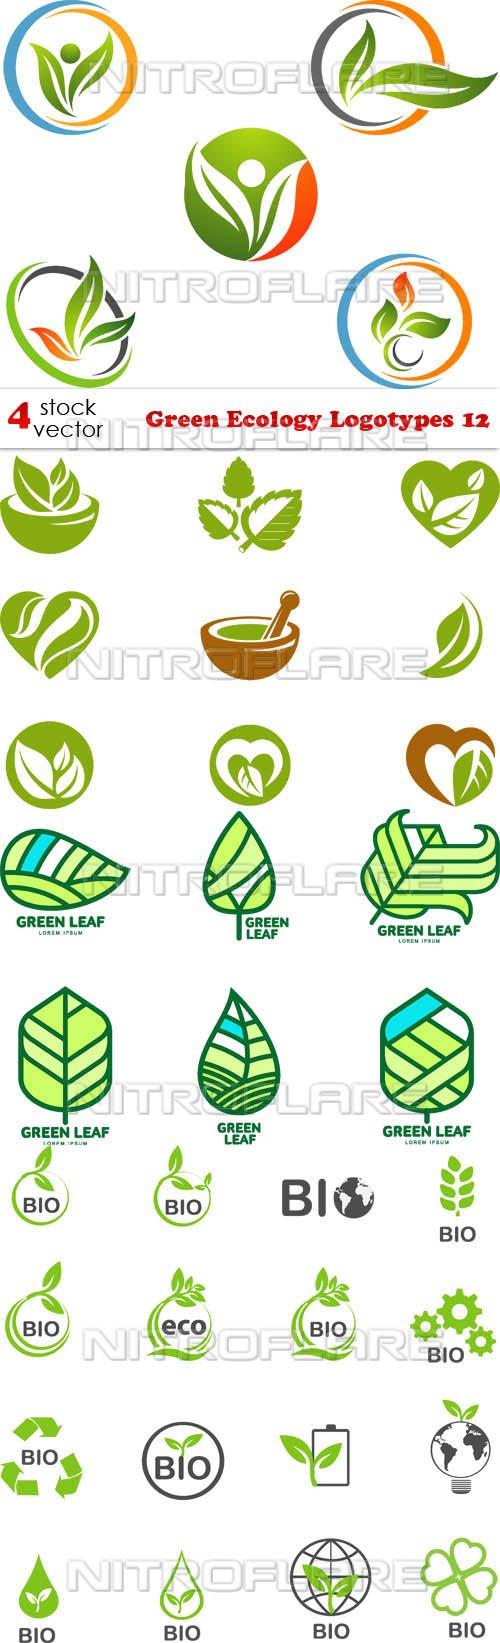 Vectors - Green Ecology Logotypes 12